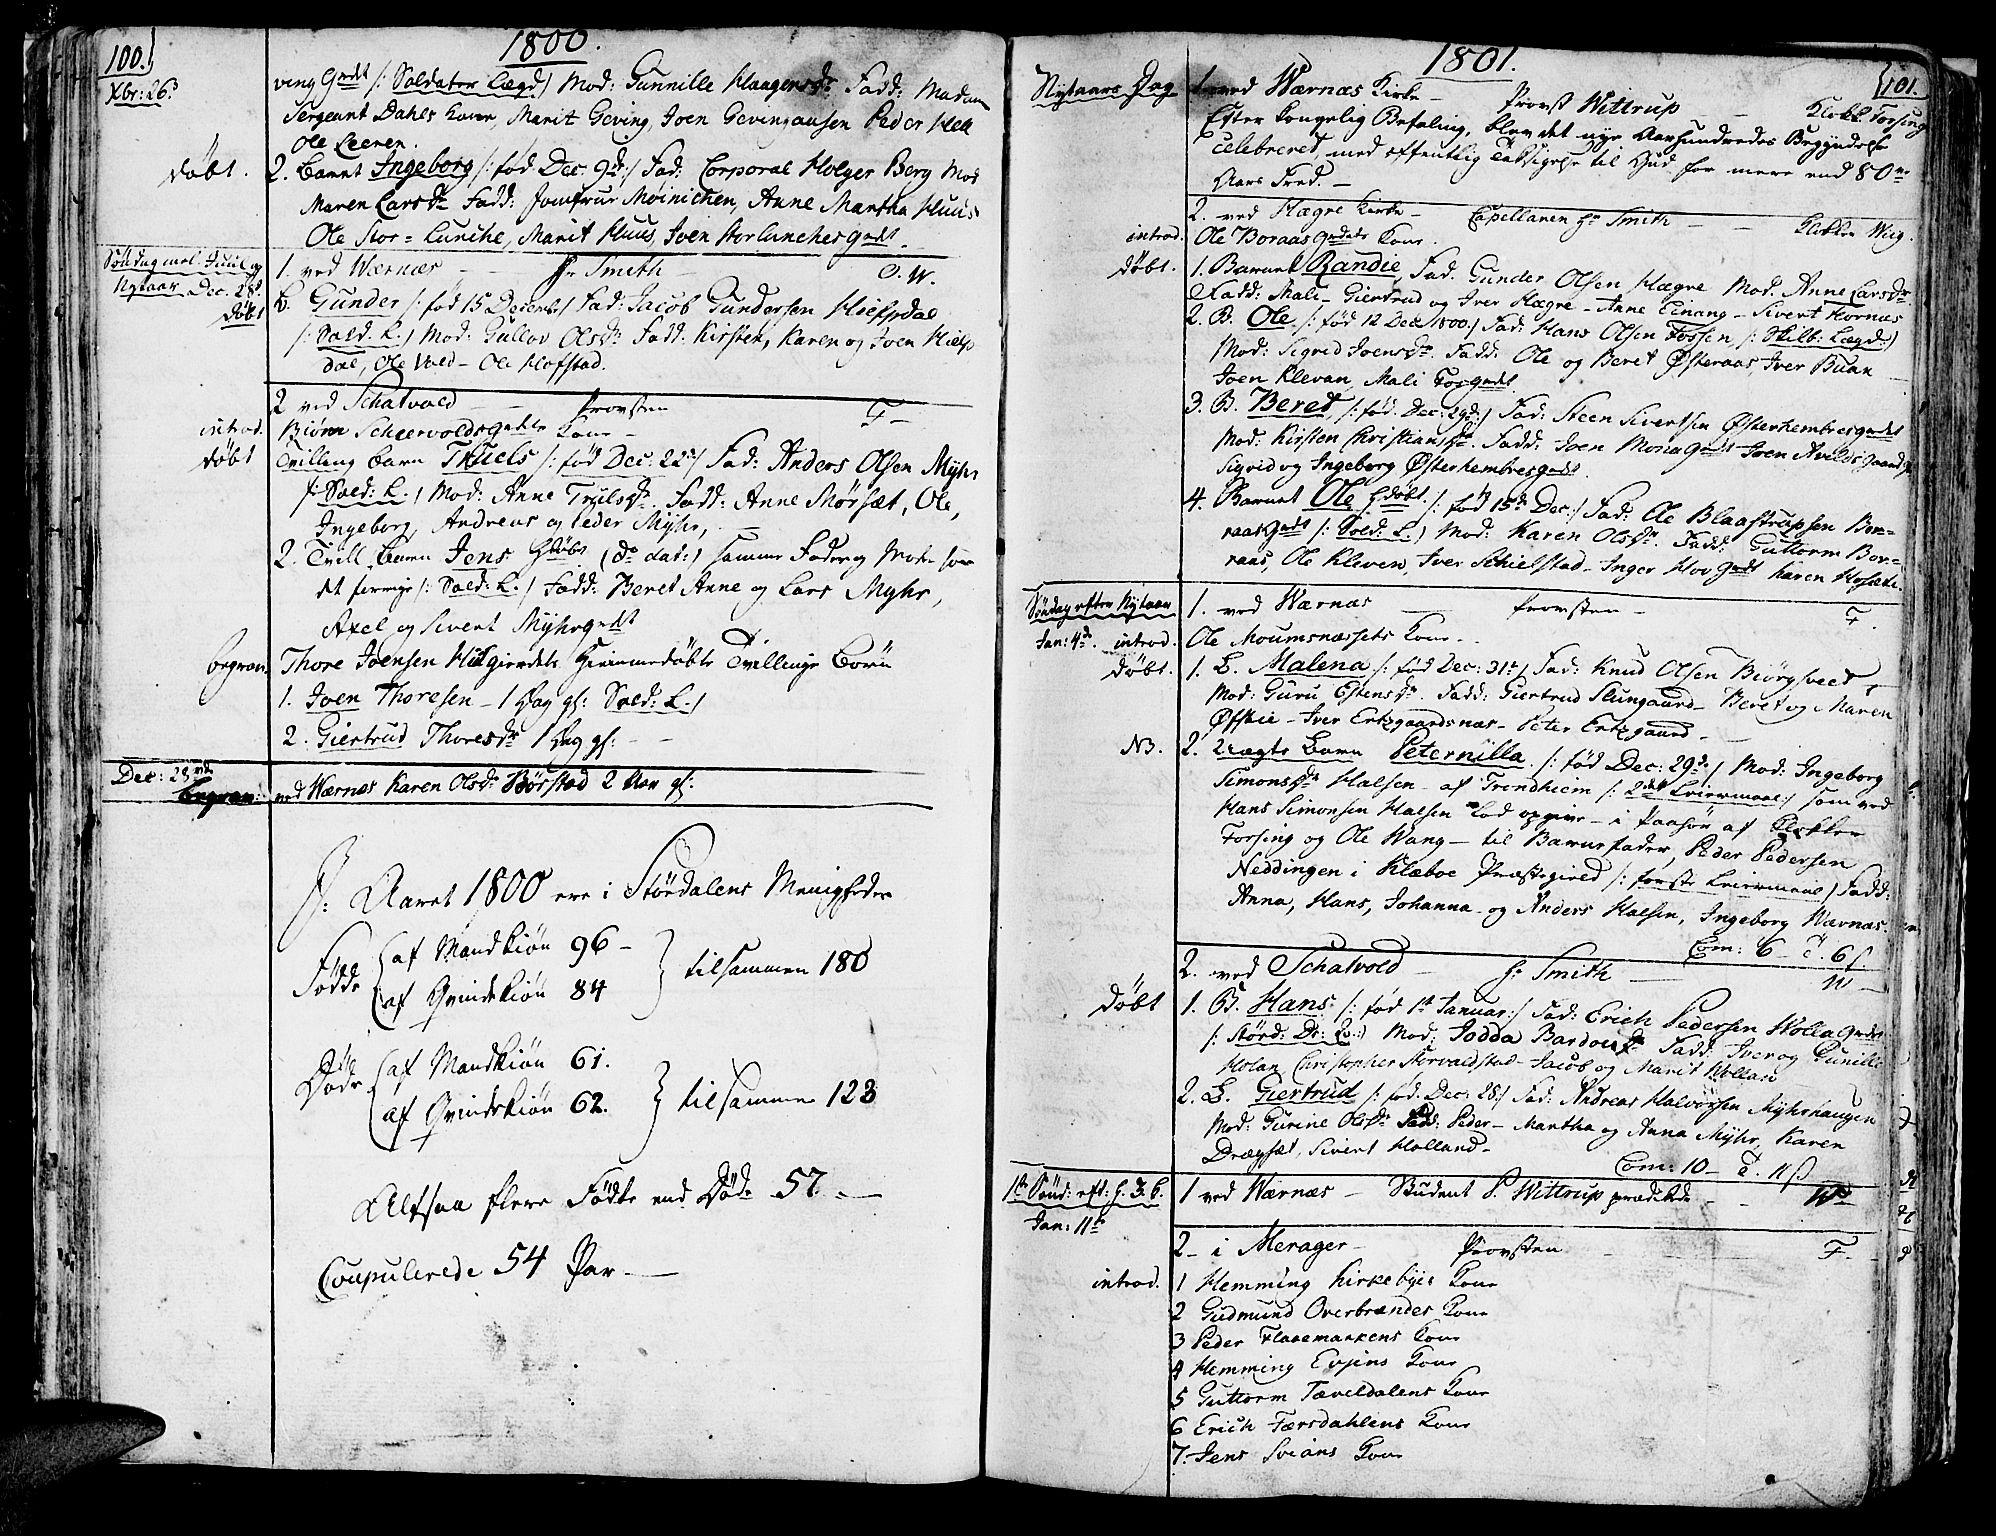 SAT, Ministerialprotokoller, klokkerbøker og fødselsregistre - Nord-Trøndelag, 709/L0060: Ministerialbok nr. 709A07, 1797-1815, s. 100-101